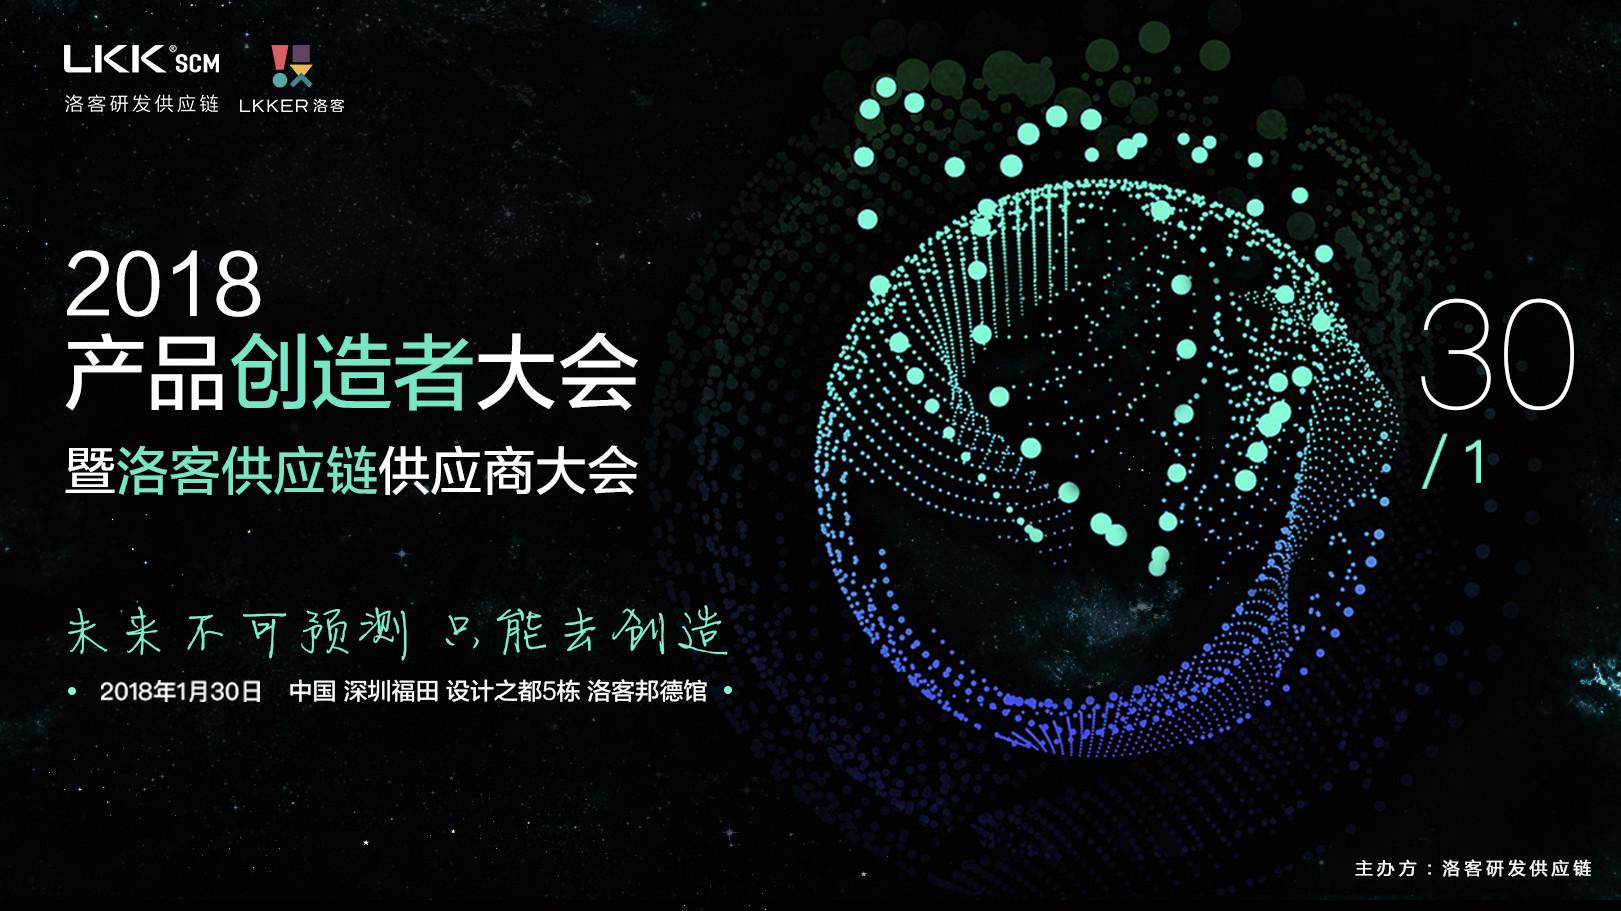 2018创造者大会暨洛客供应链供应商大会